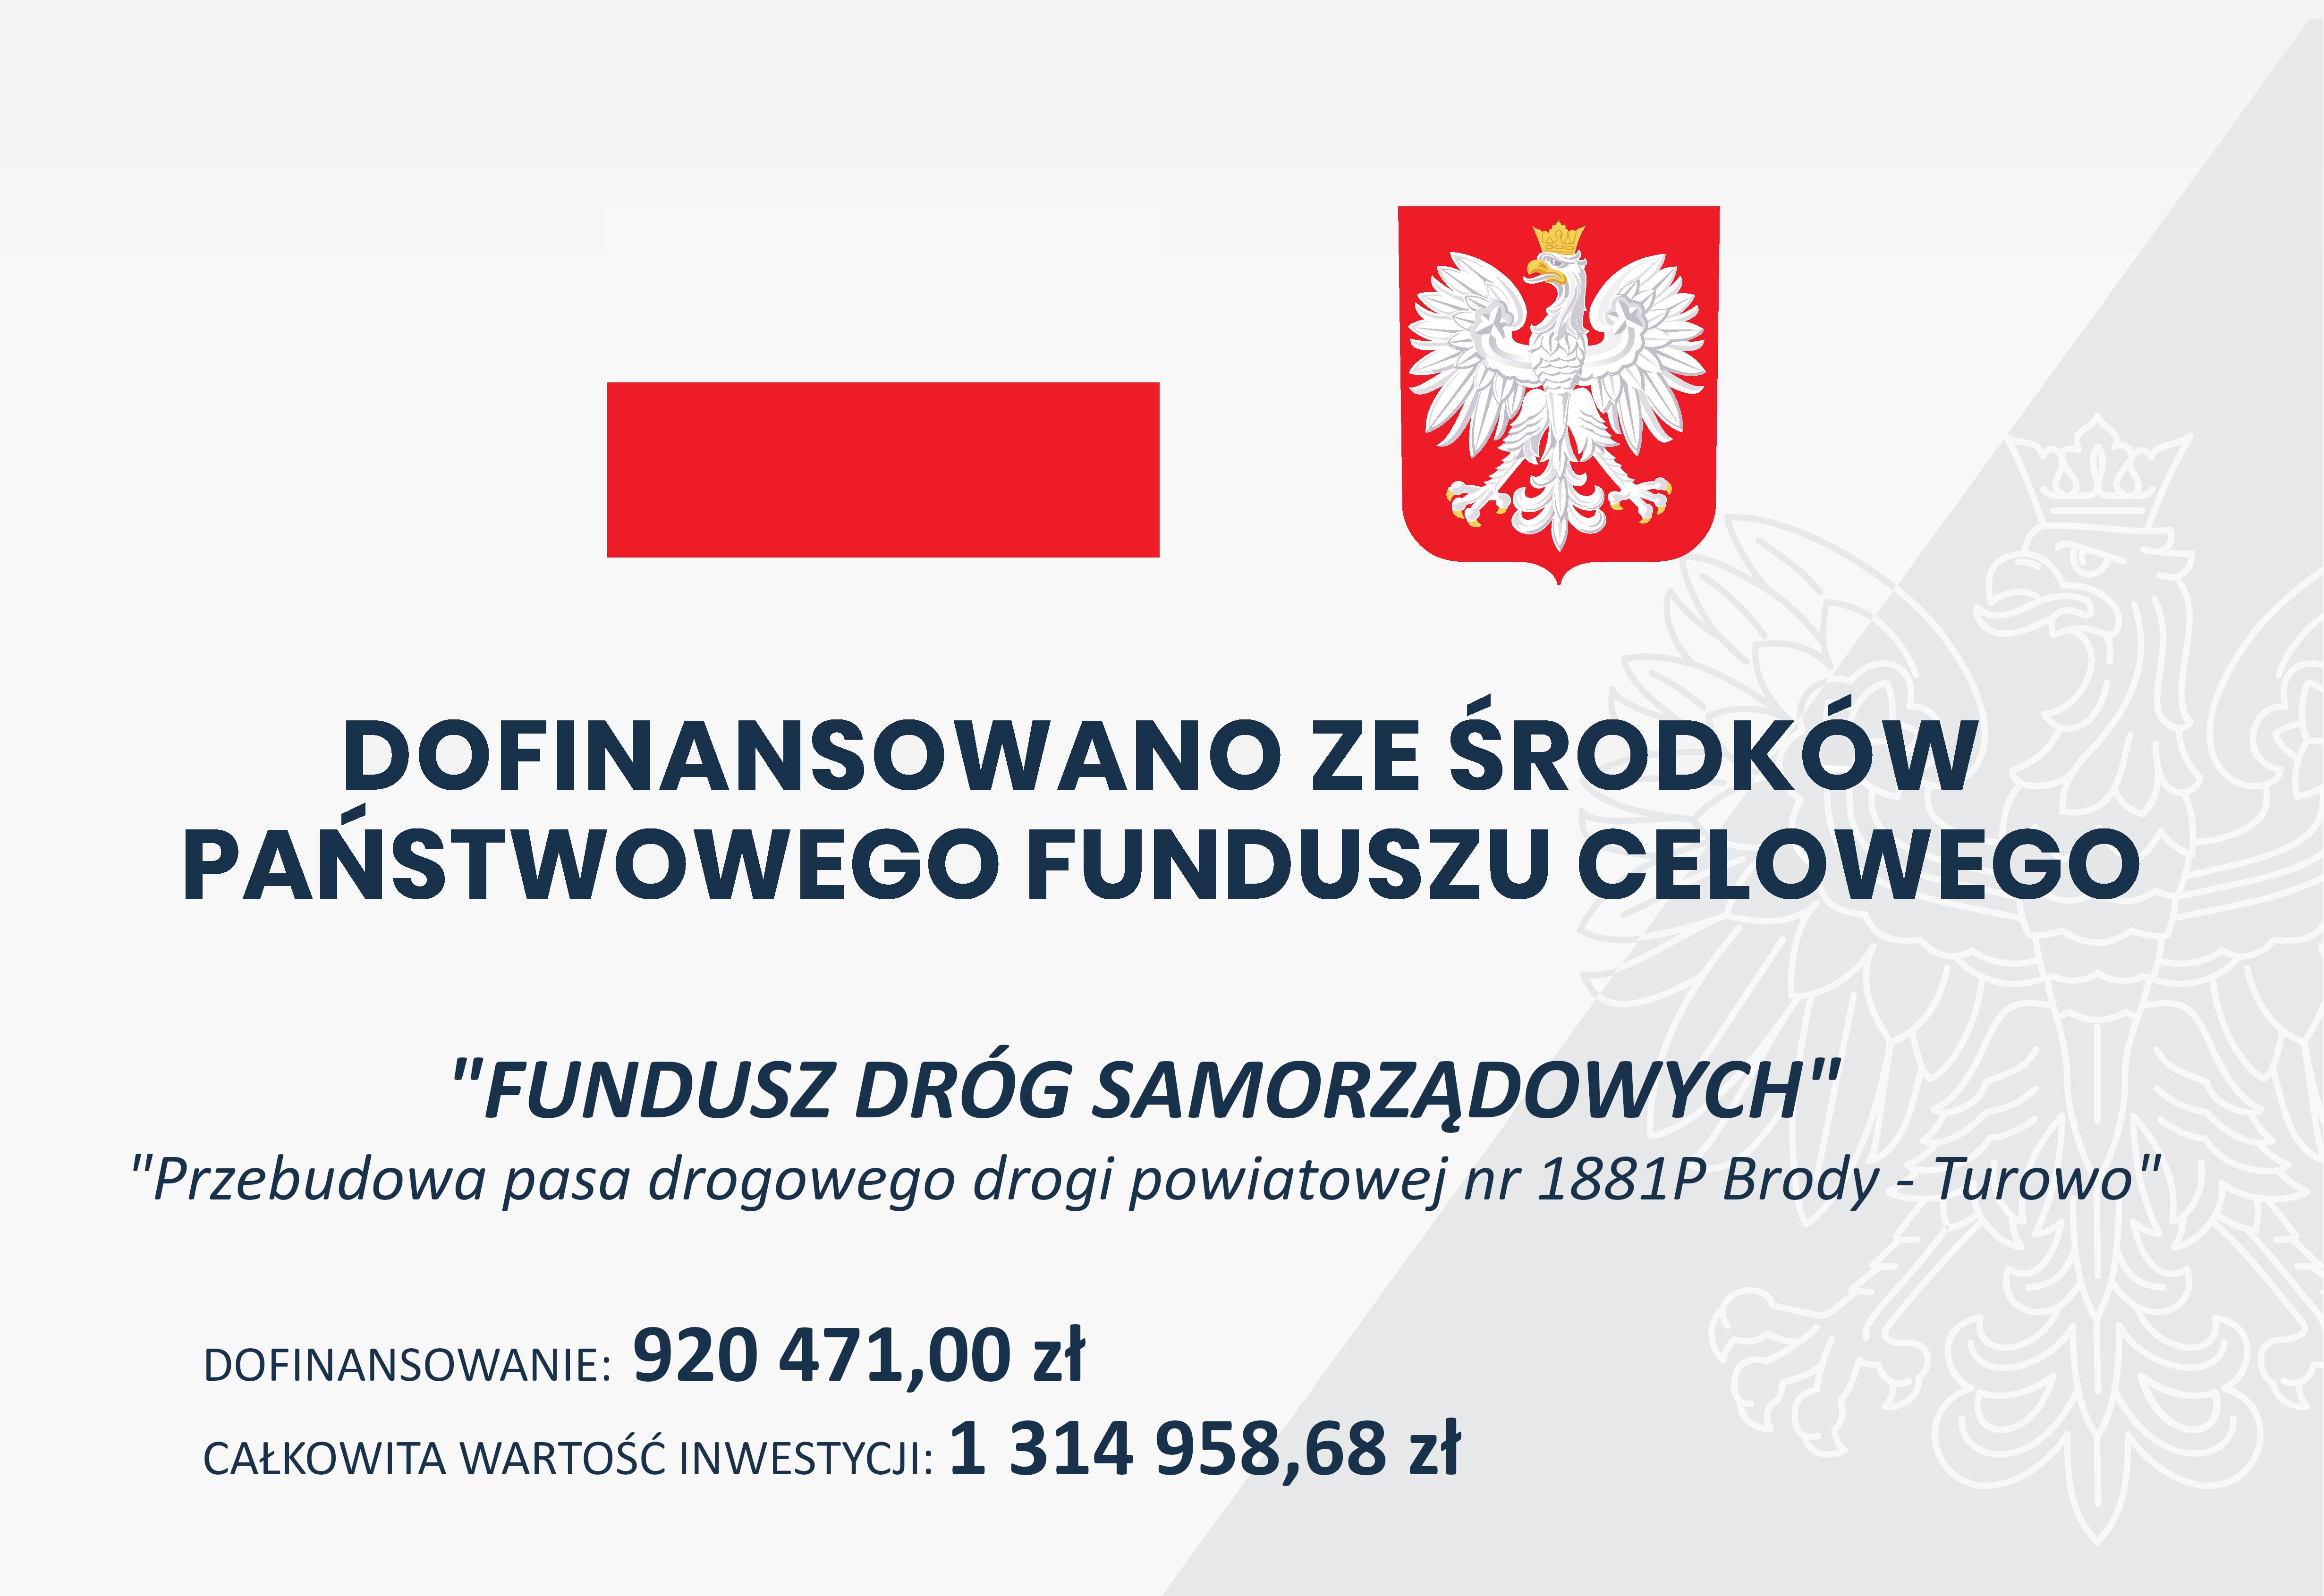 Ilustracja do informacji: Przebudowa pasa drogowego drogi powiatowej nr 1881P Brody - Turowo